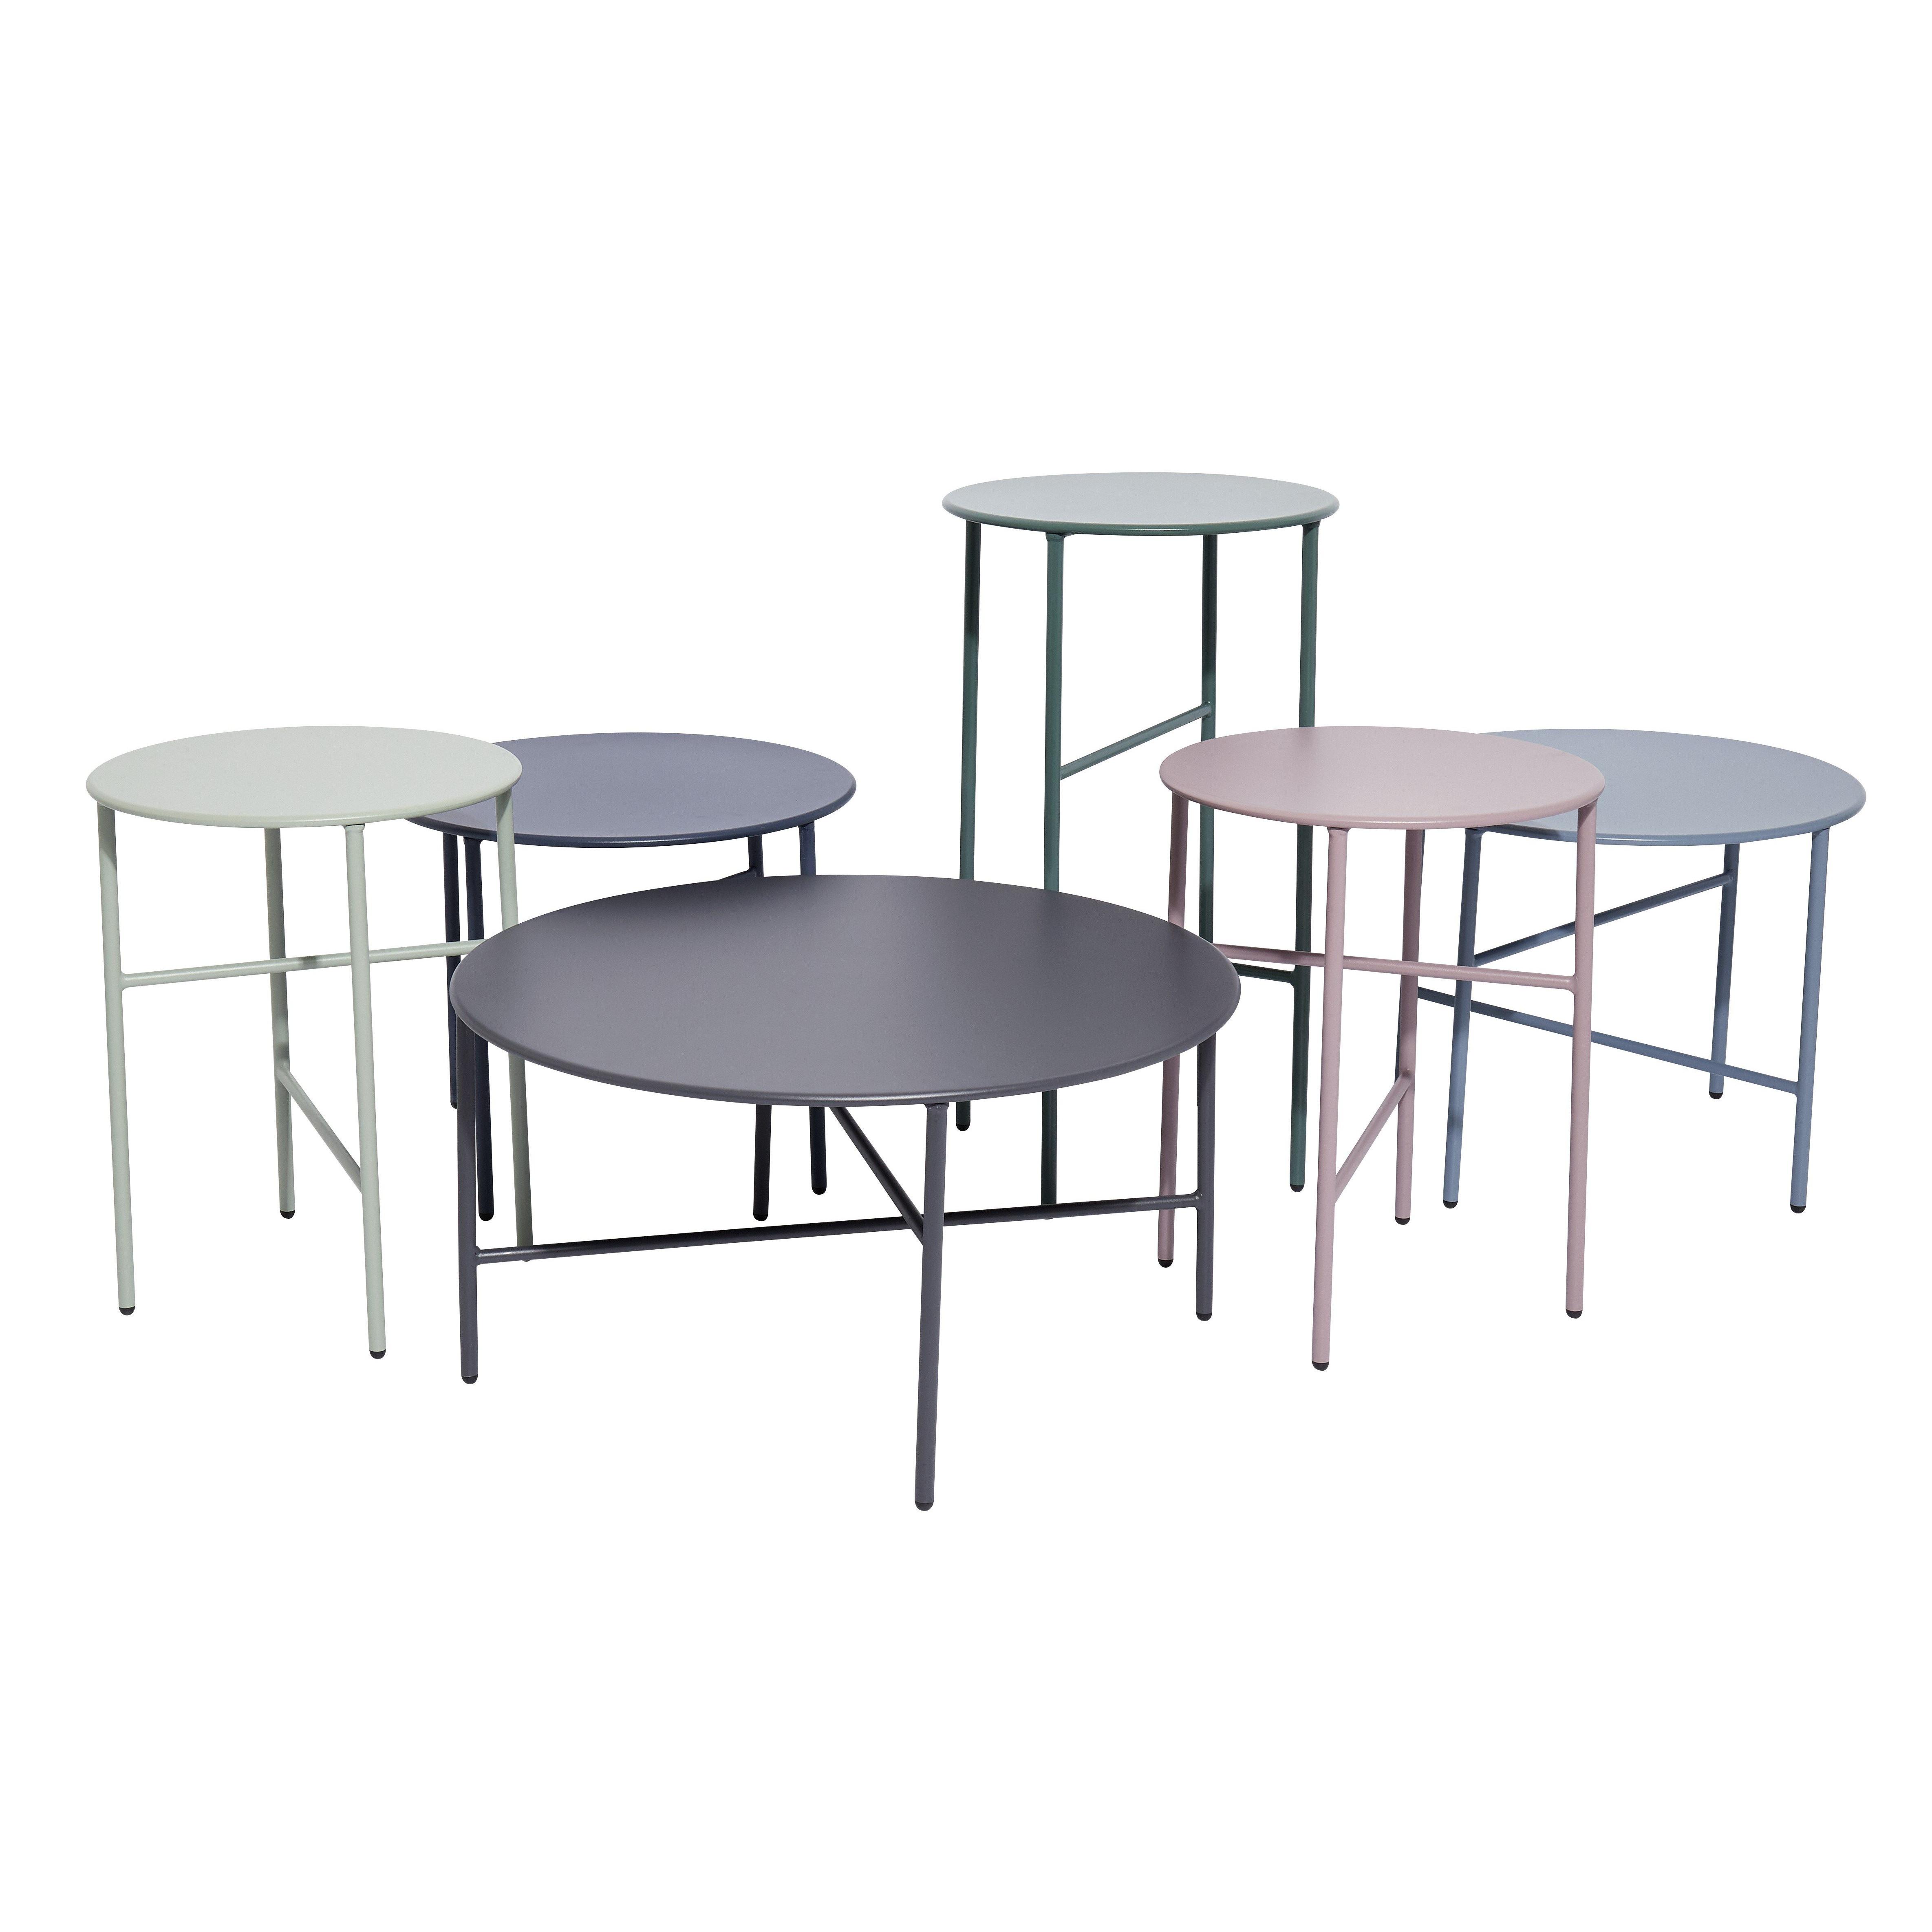 Side Table Ø 40 cm H 70 cm | Antler Rose